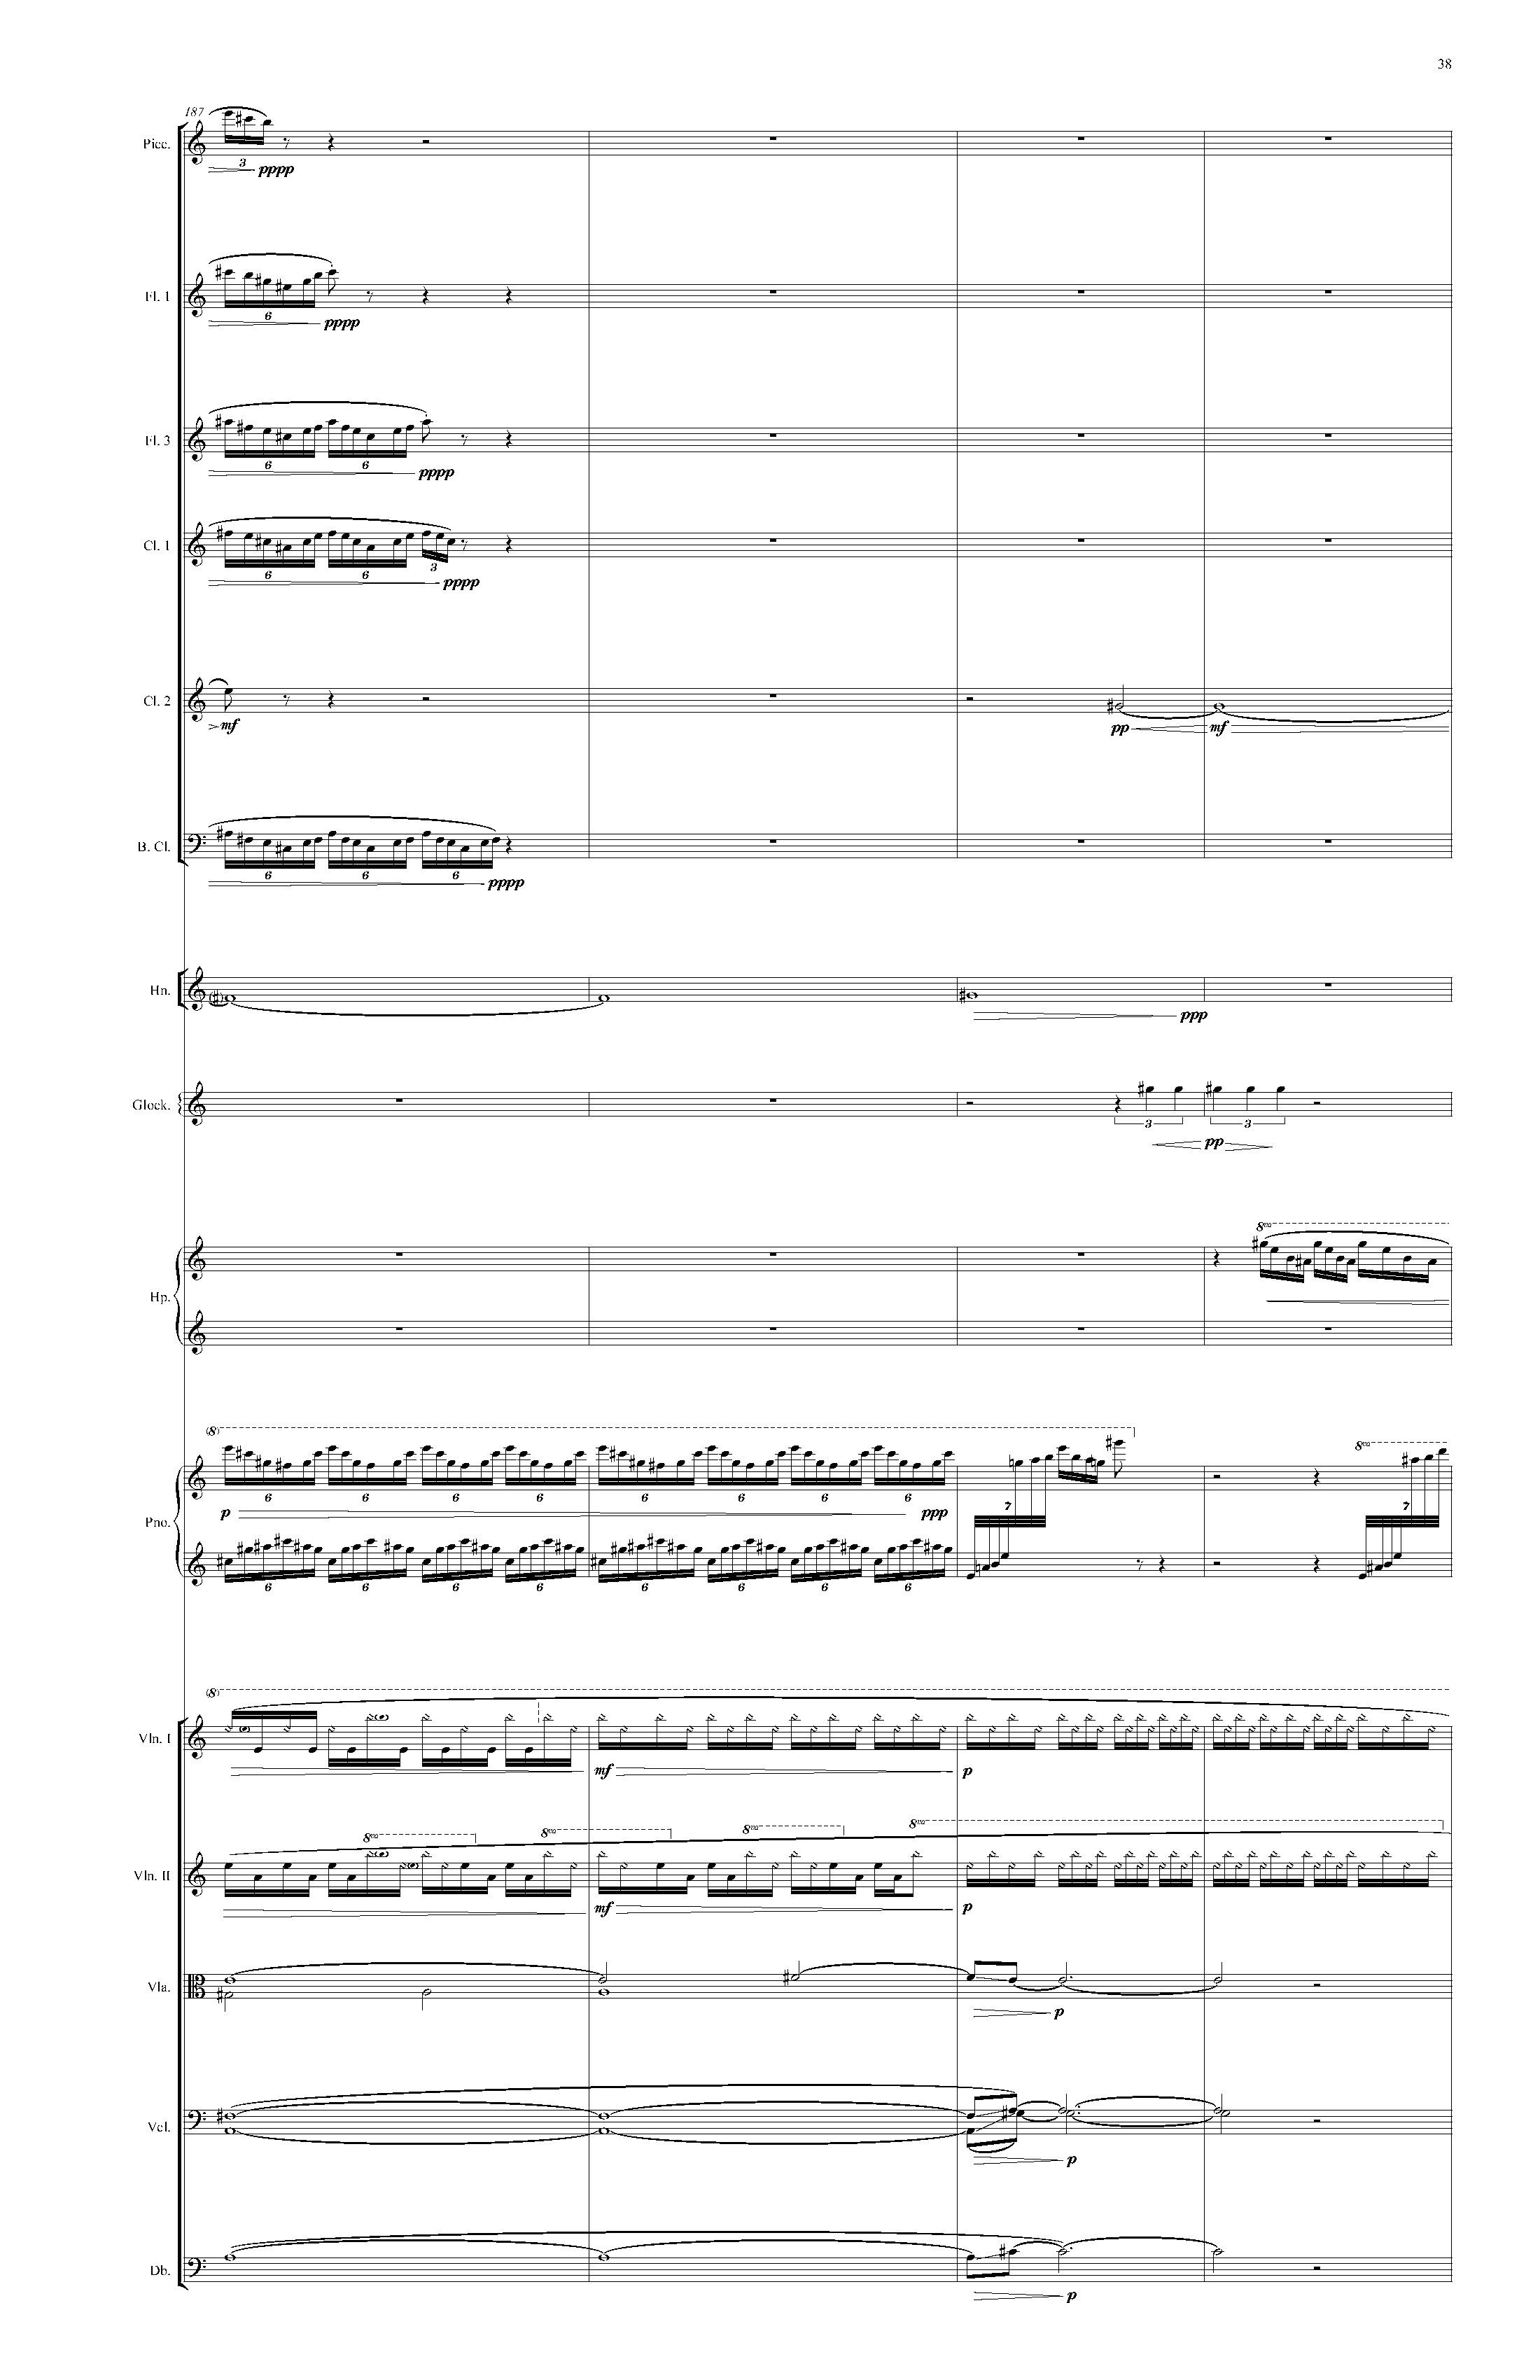 Kolmanskop 4-4-17 score - Full Score_Seite_41.jpg